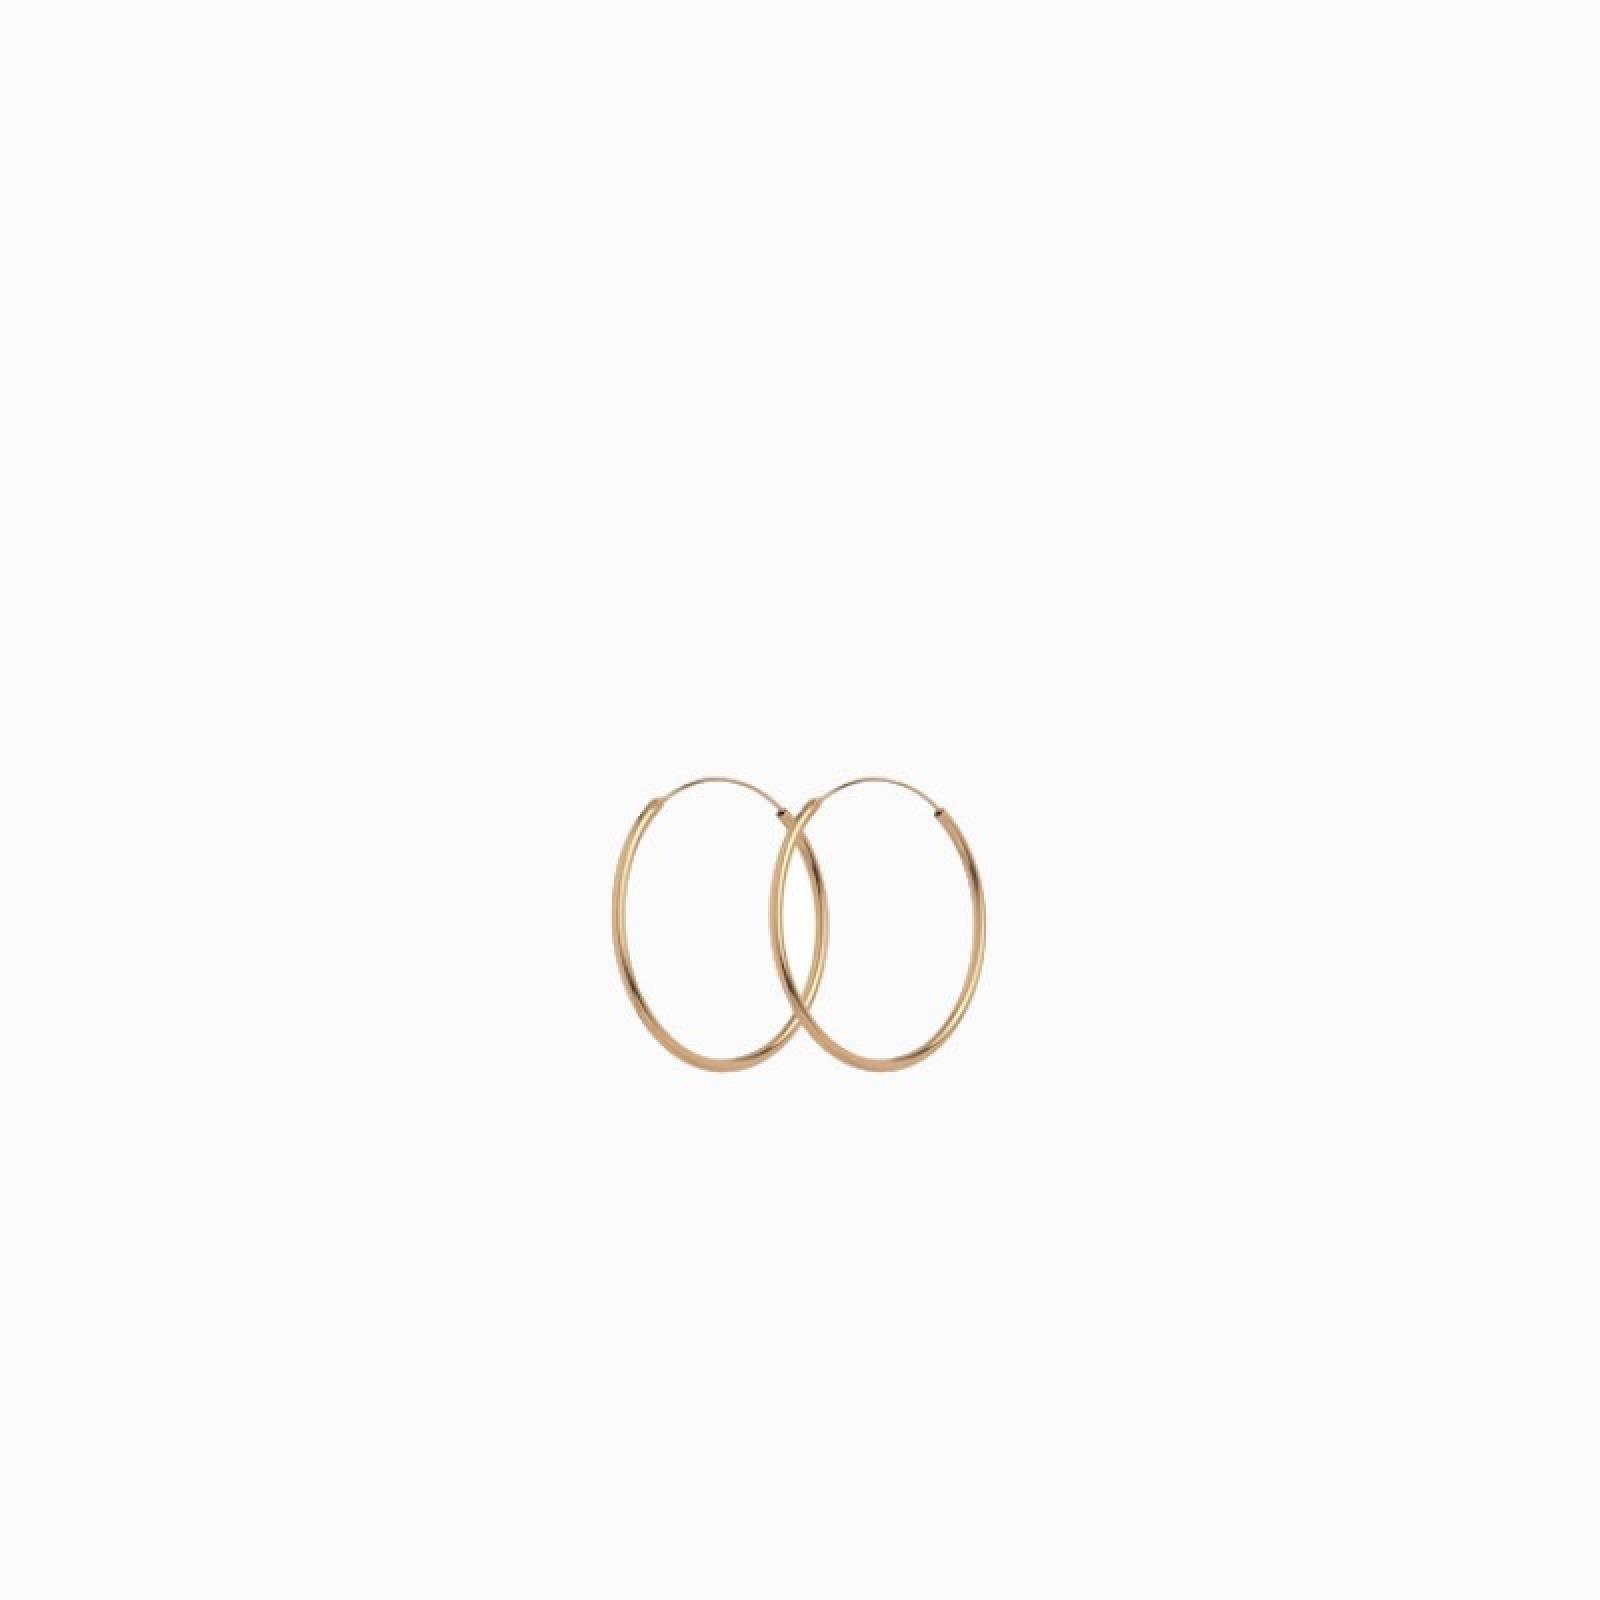 Mini Plain Hoops In Gold 20mm By Pernille Corydon